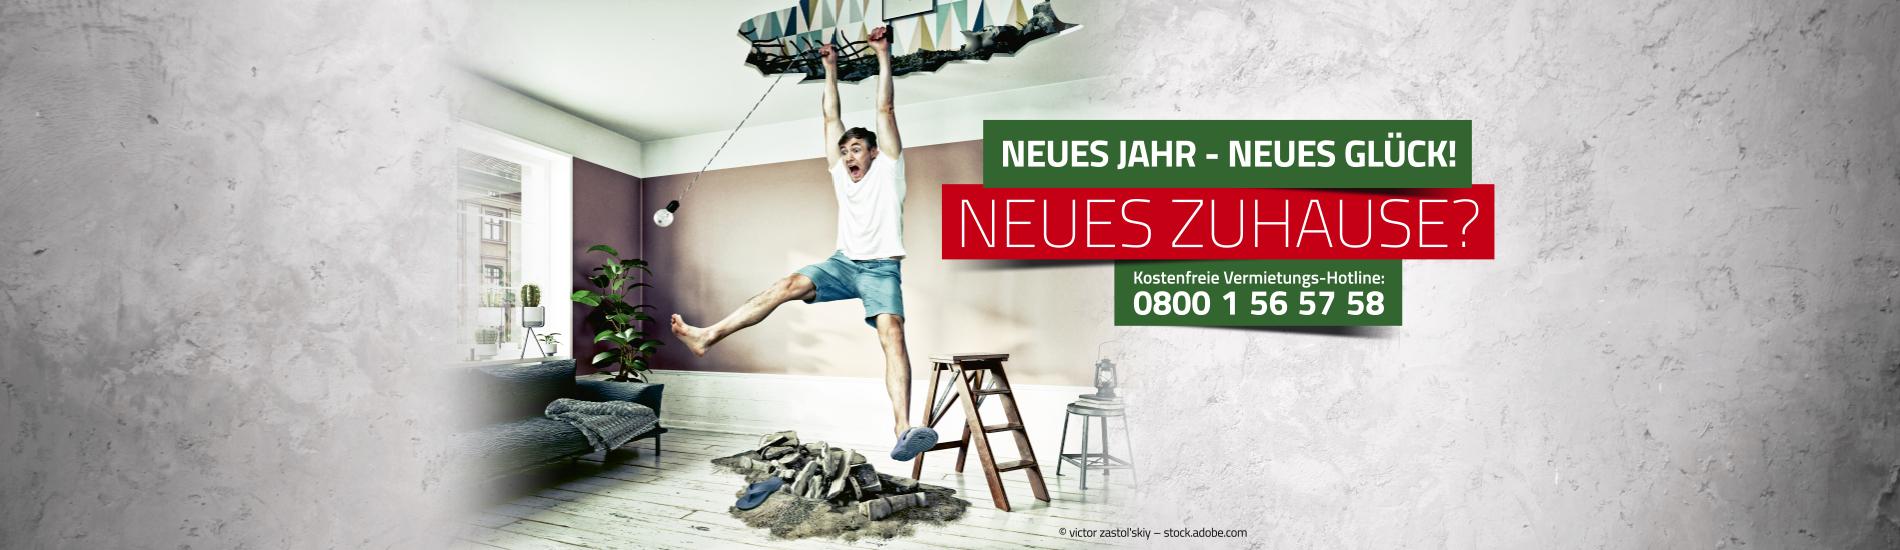 slider_zuhause_2021-01